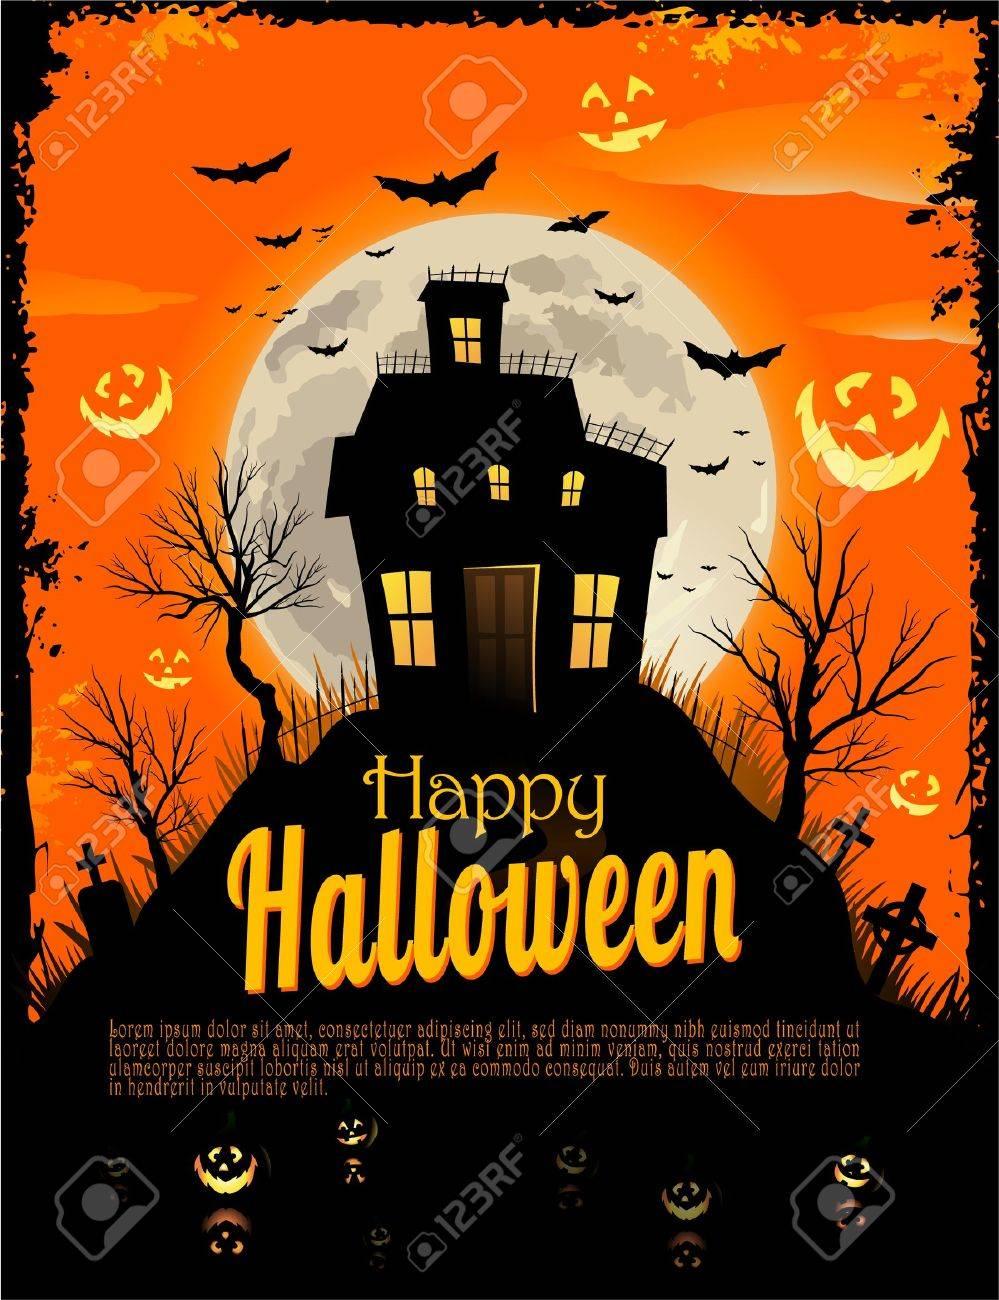 Halloween background Stock Vector - 11067135